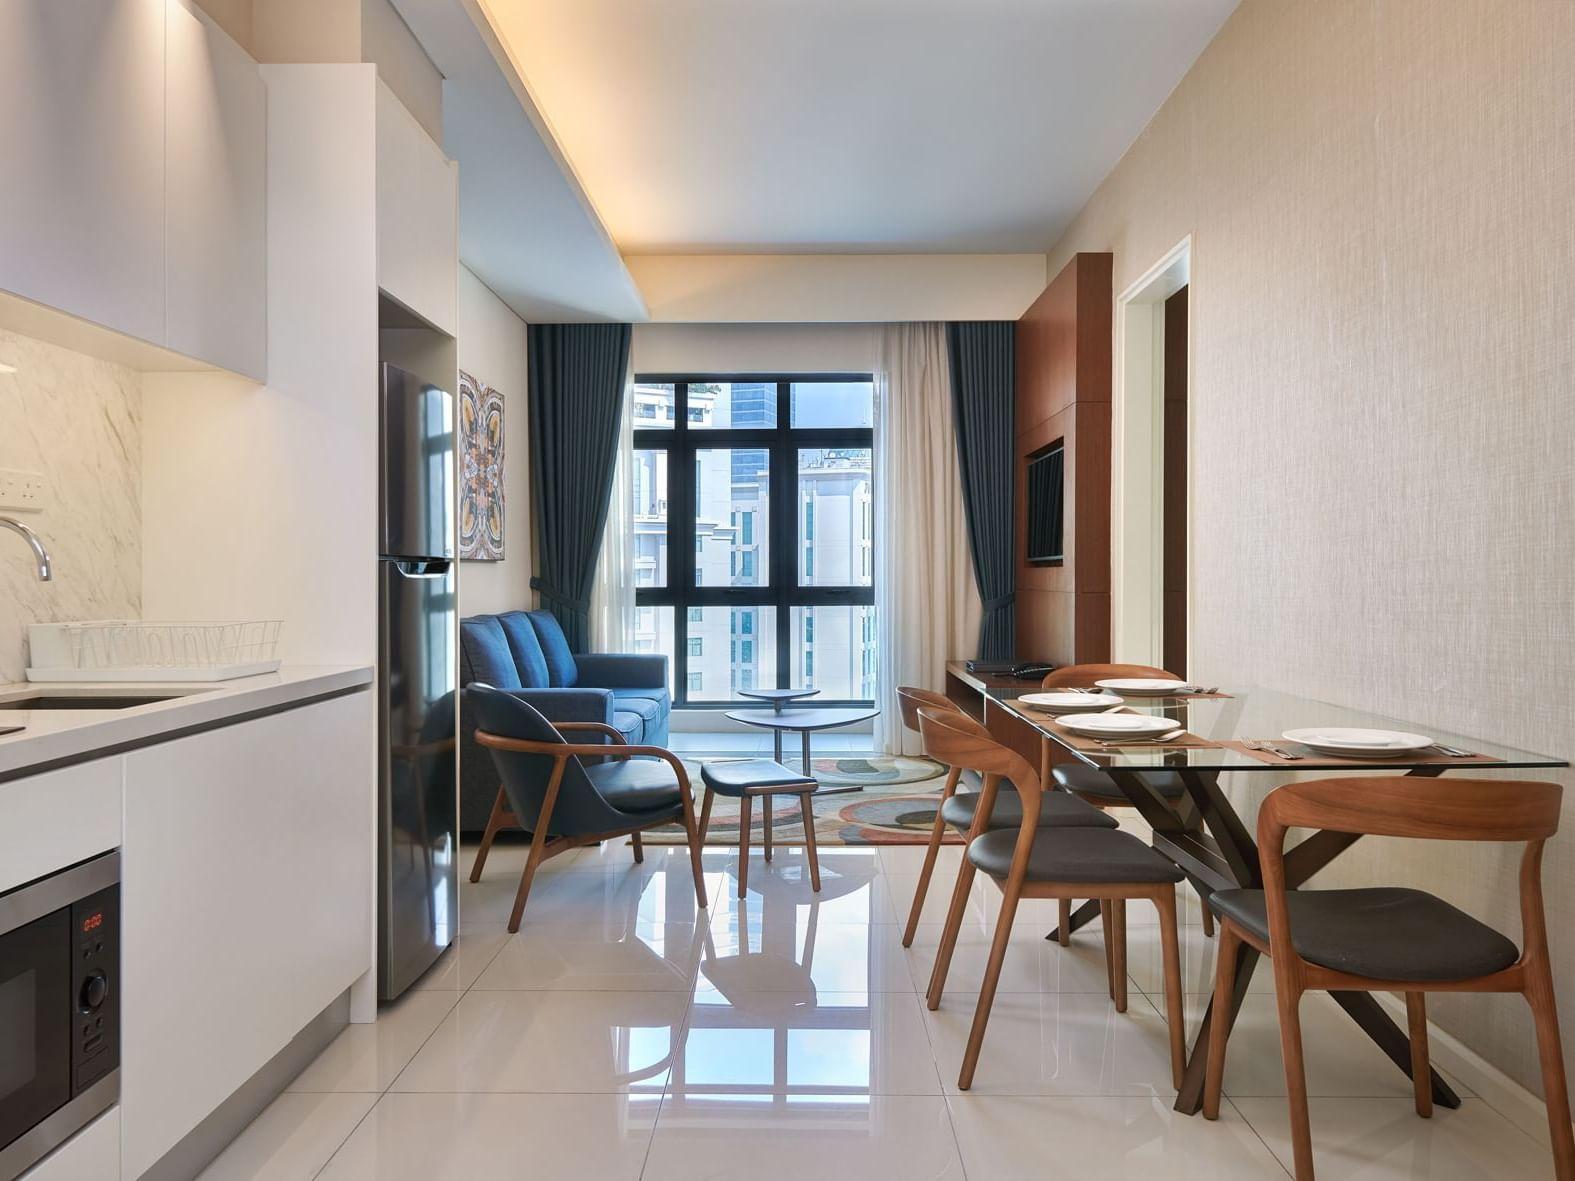 Duo Suite at Tribeca Serviced Apartments in Jalan Imbi, Kuala Lumpur